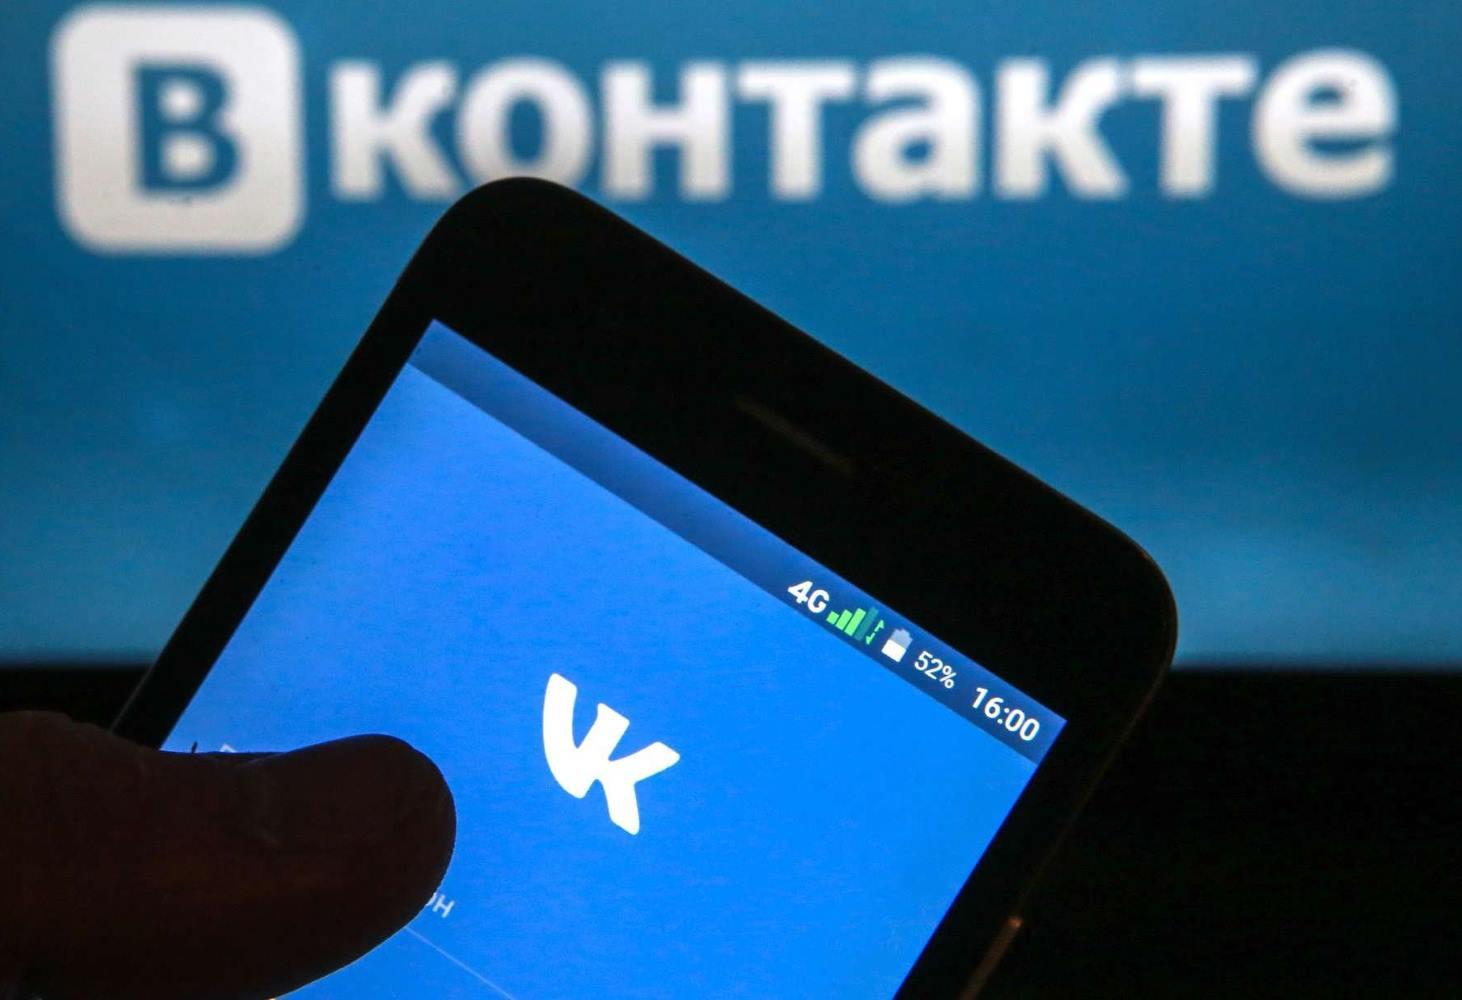 rezultaty-ege-mozhno-budet-uznat-v-sotsseti-vkontakte